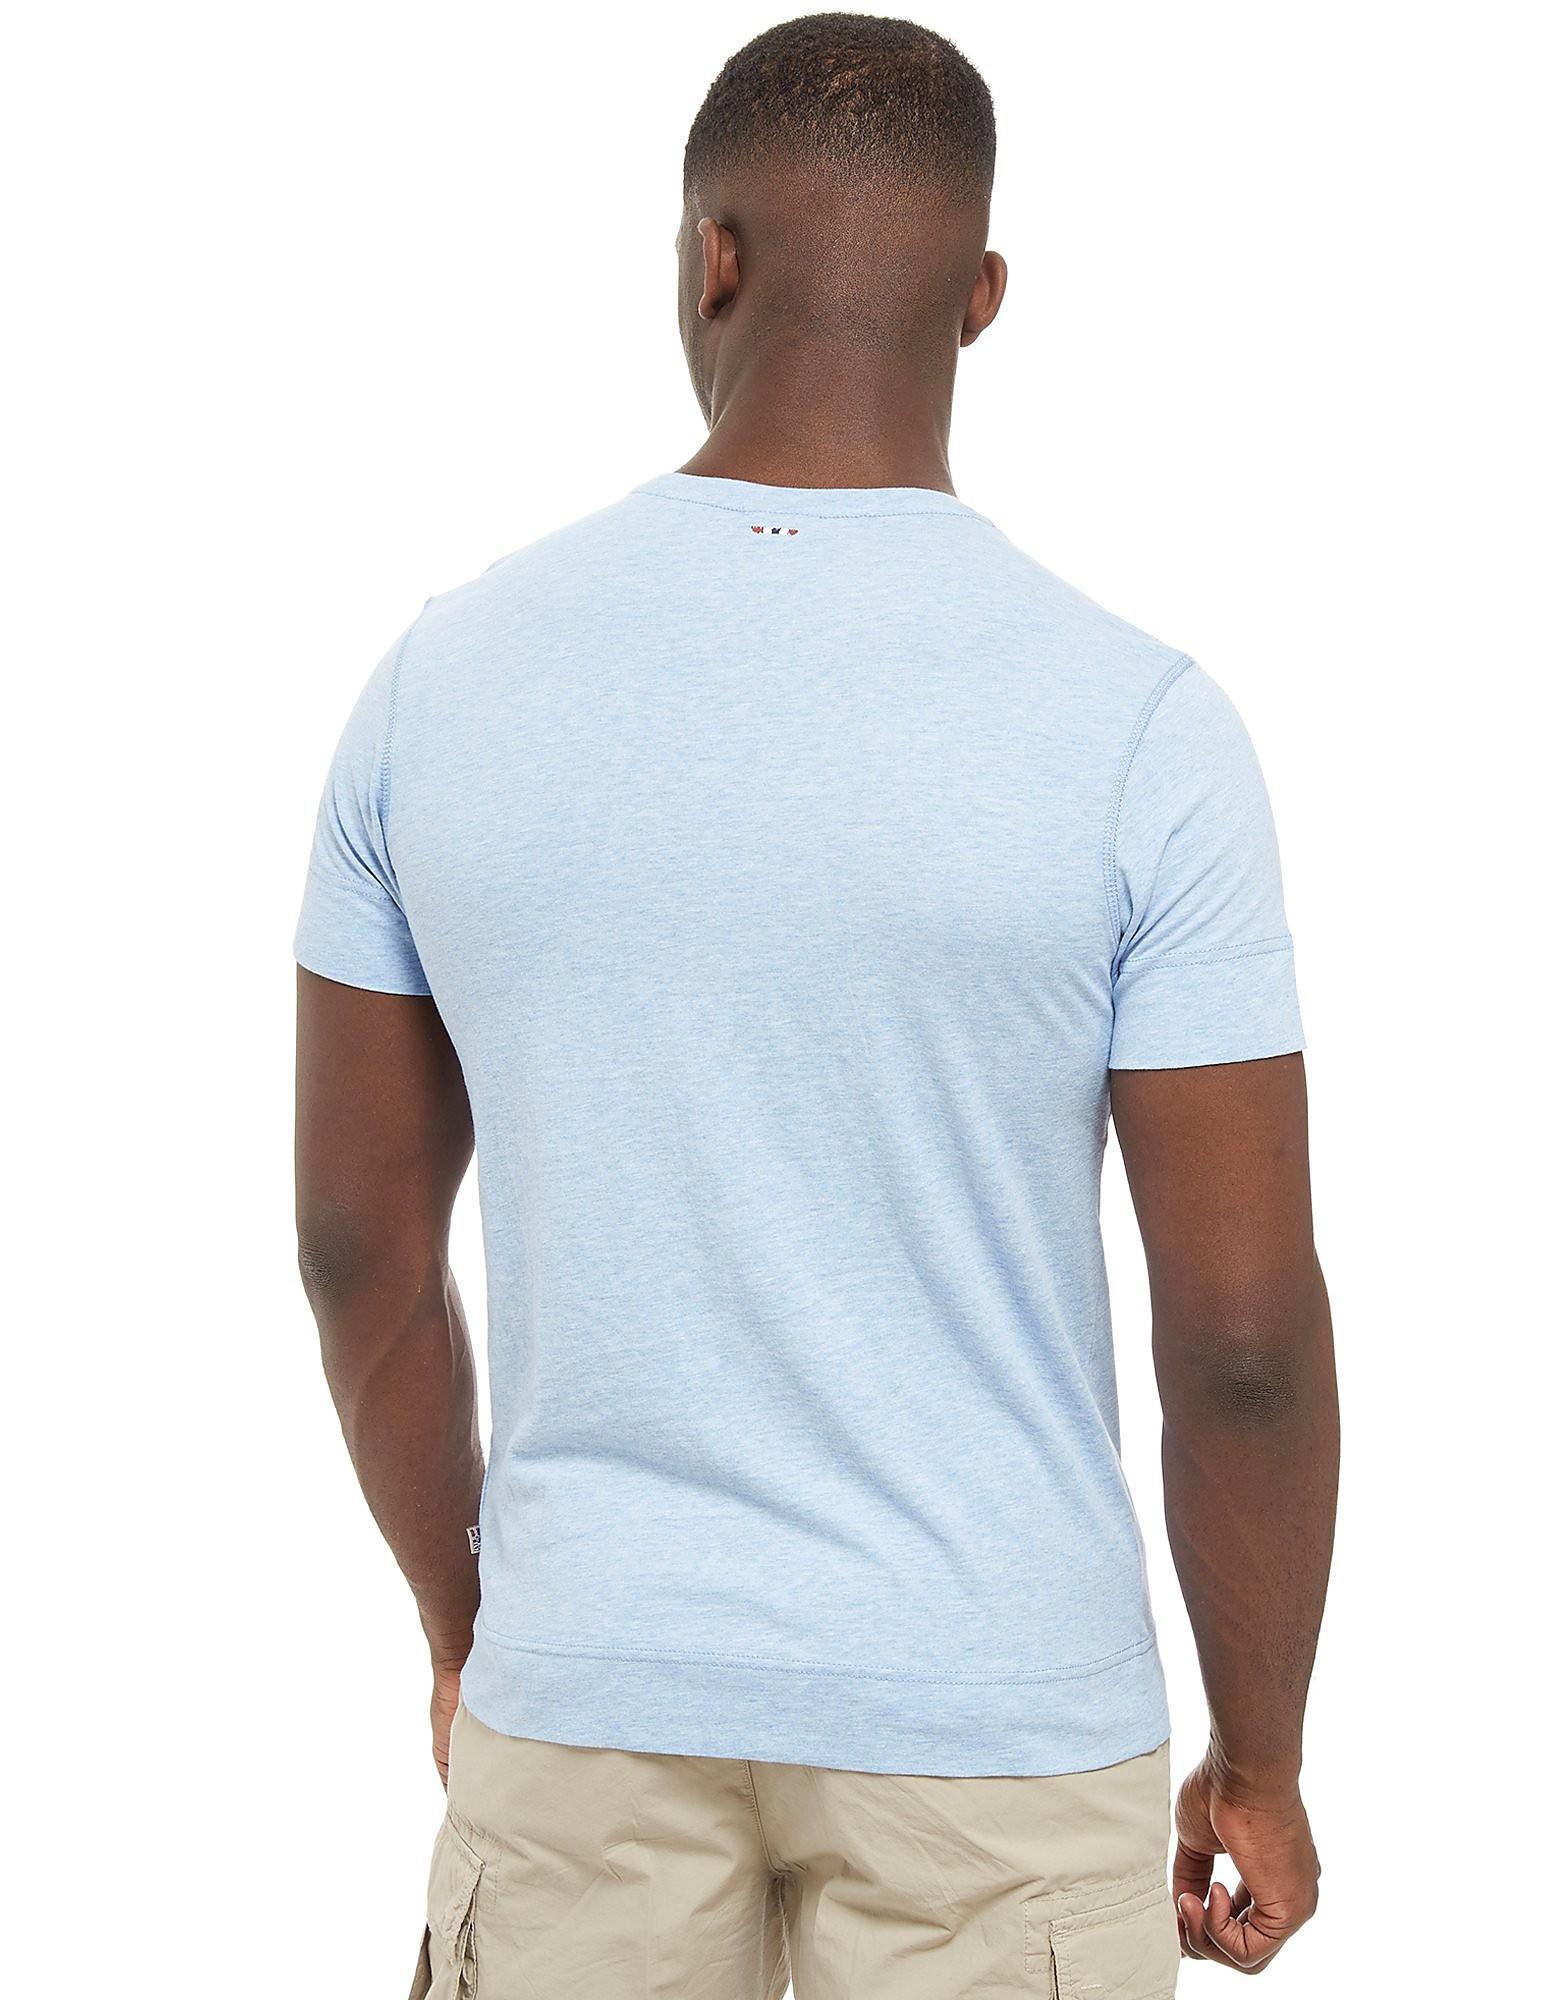 Napapijri camiseta Shew